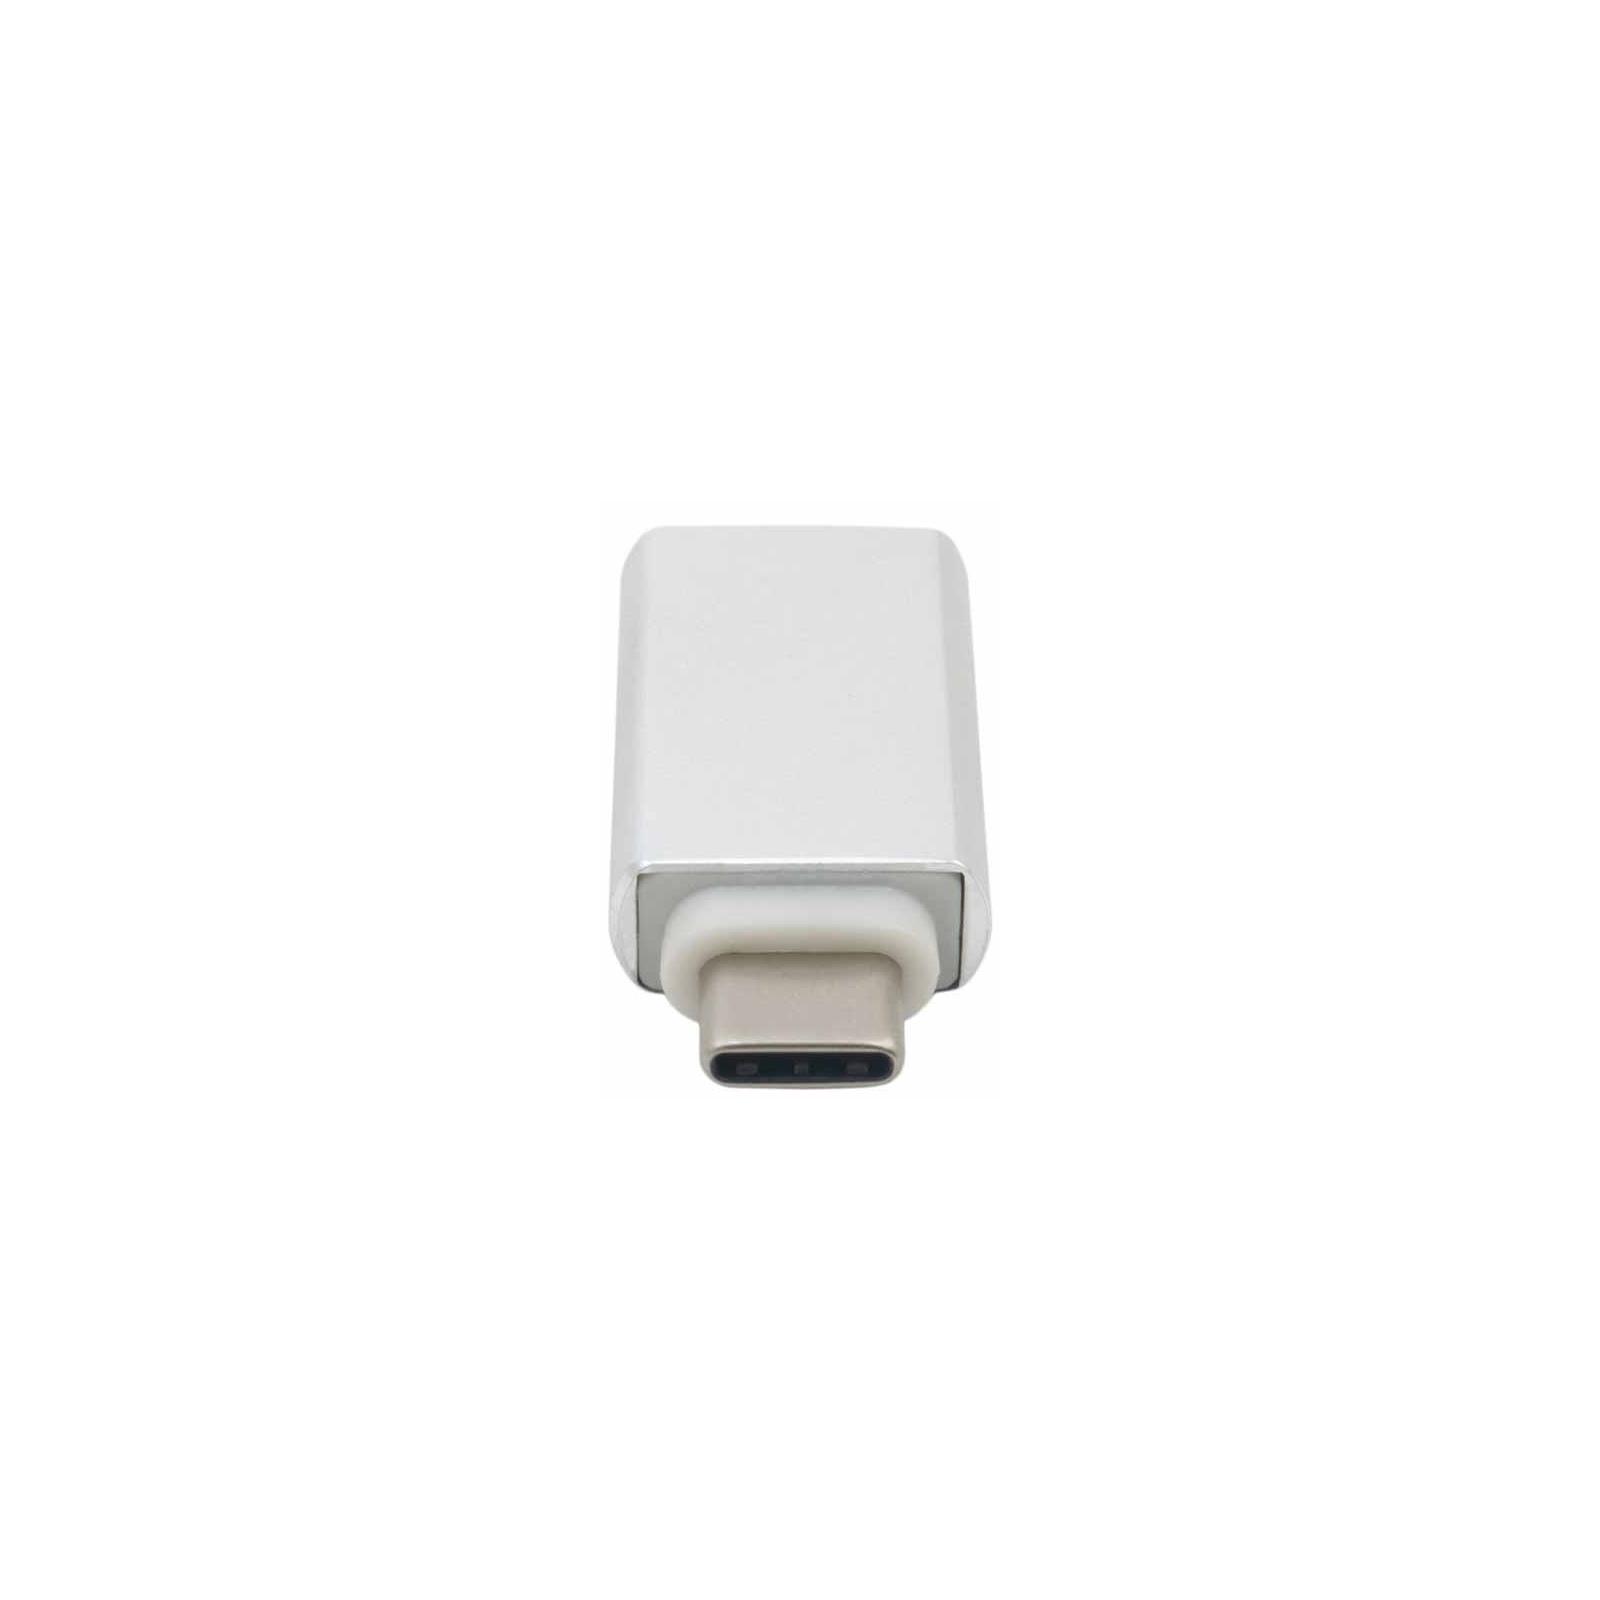 Переходник USB 3.0 Type-C to AF EXTRADIGITAL (KBU1665) изображение 4